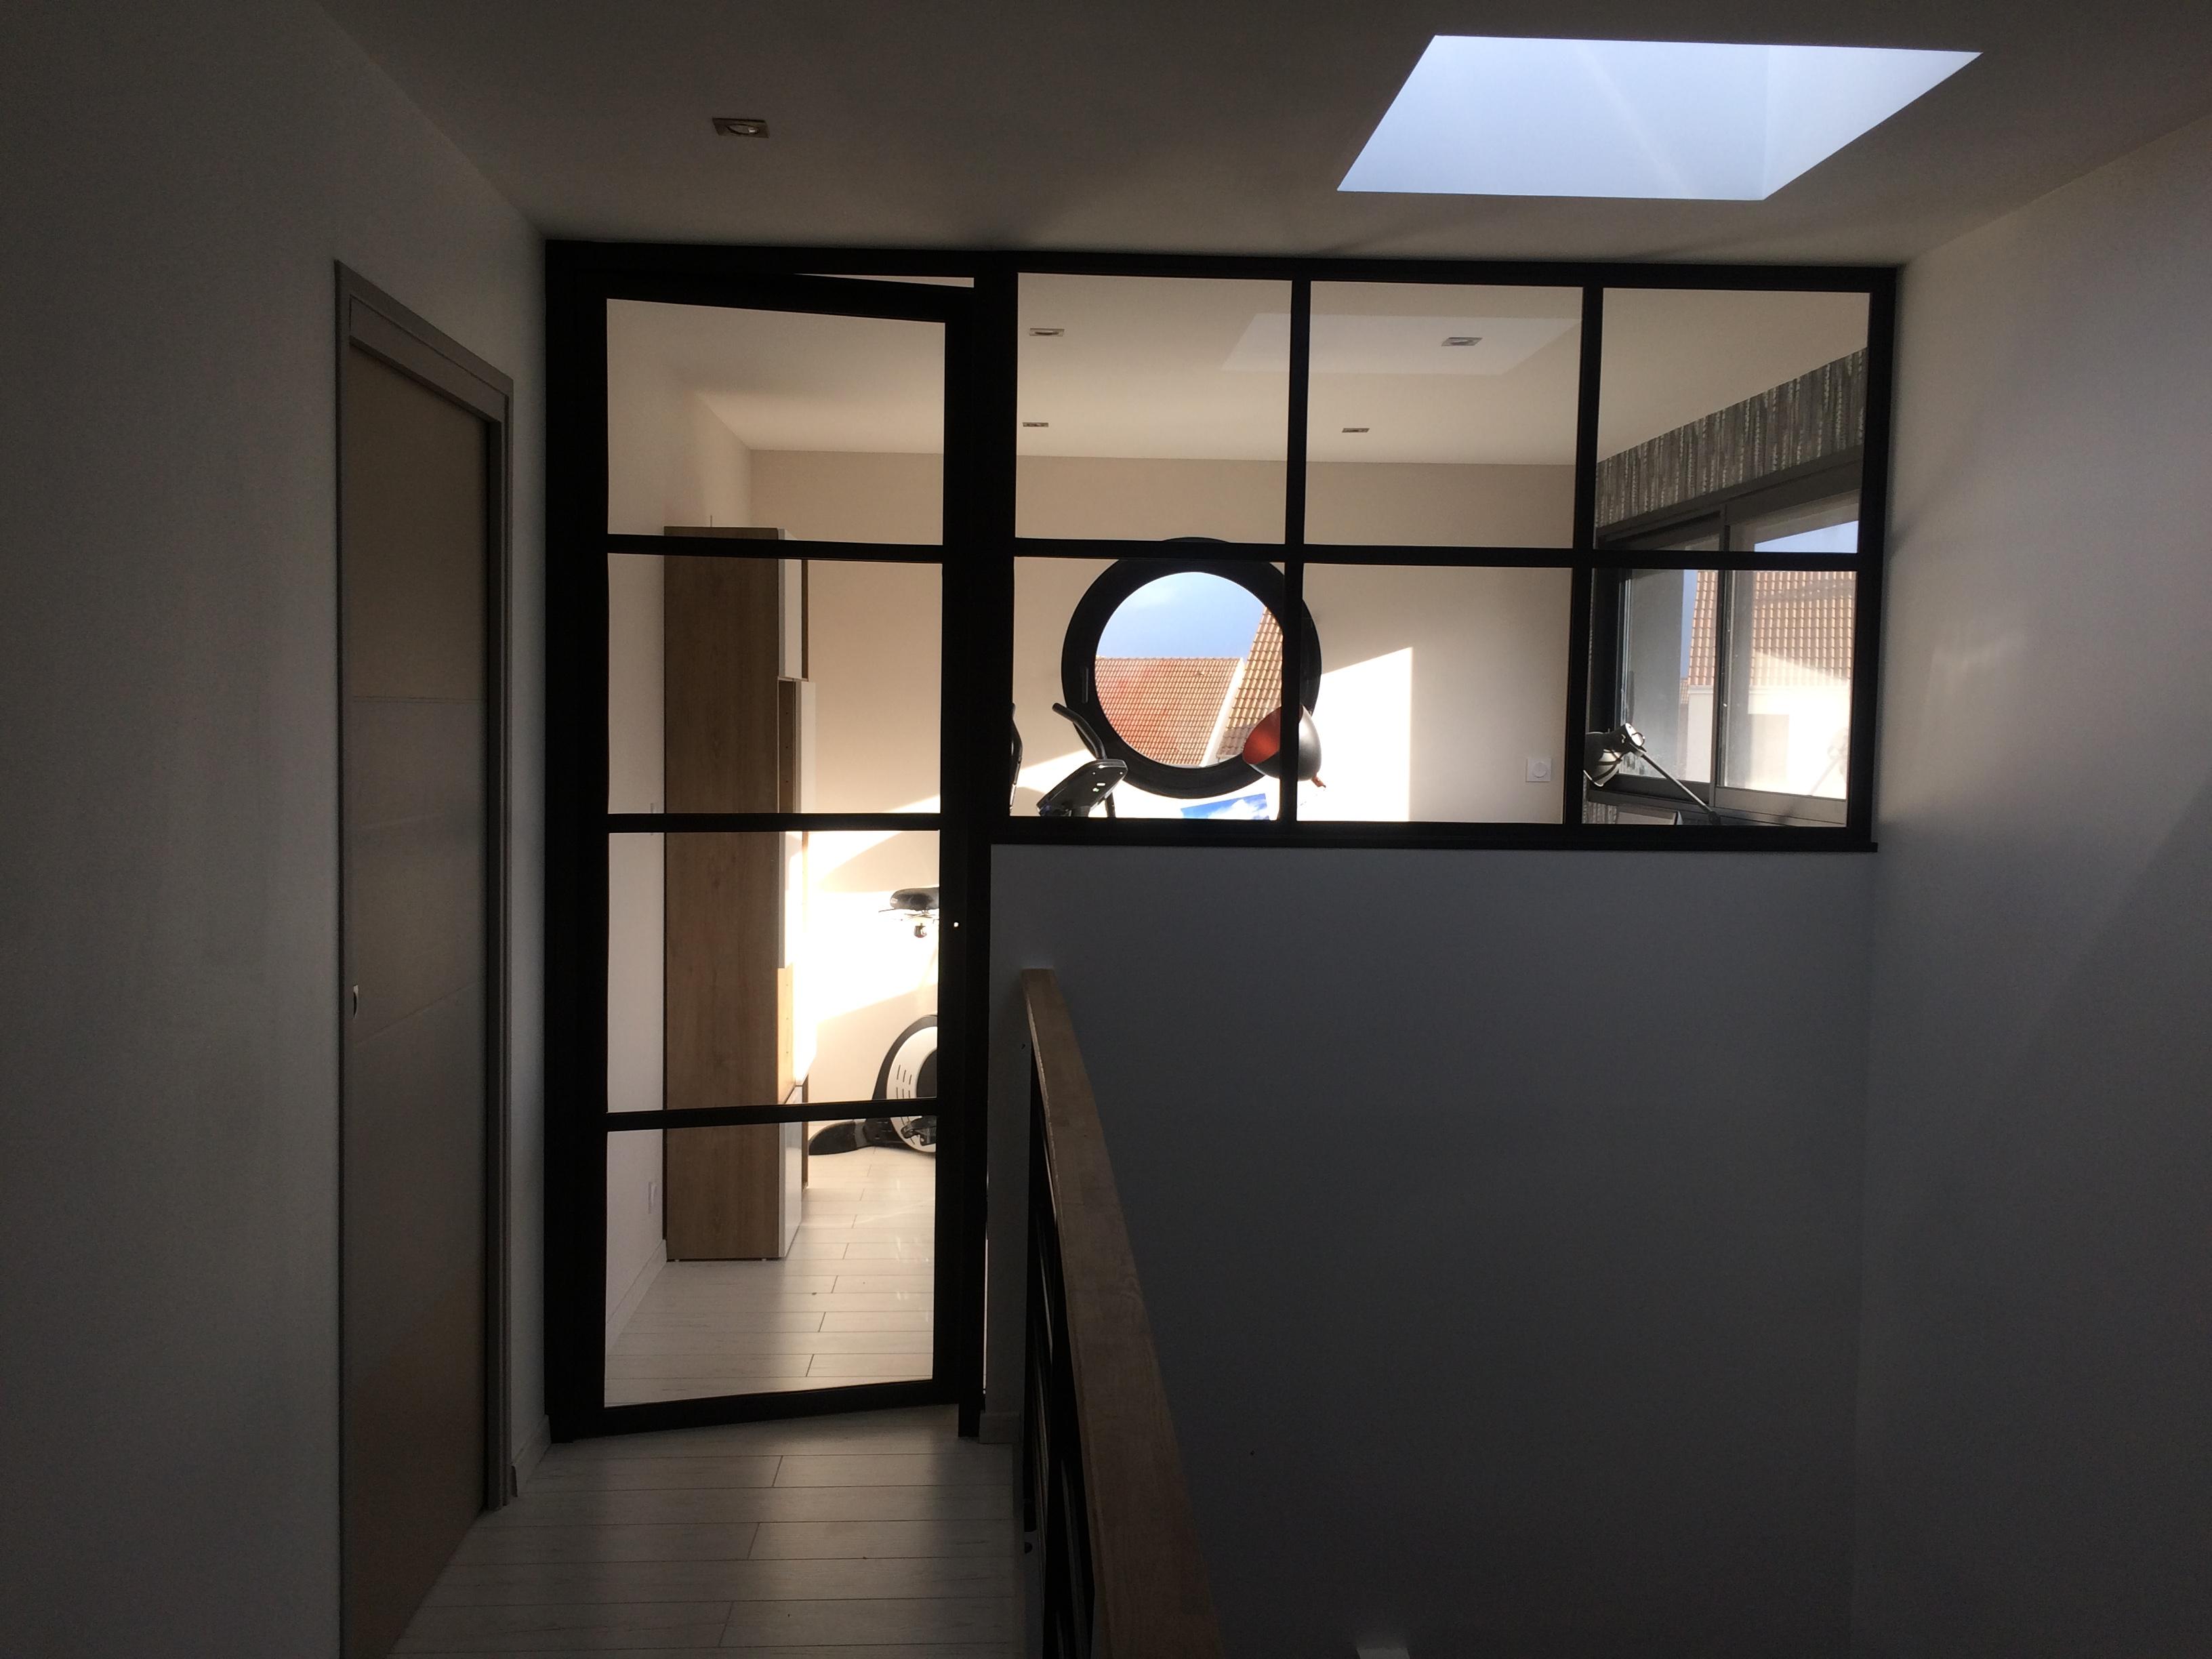 Architecte D Intérieur Boulogne Sur Mer design d'espace déco d'intérieur boulogne sur mer wimereux